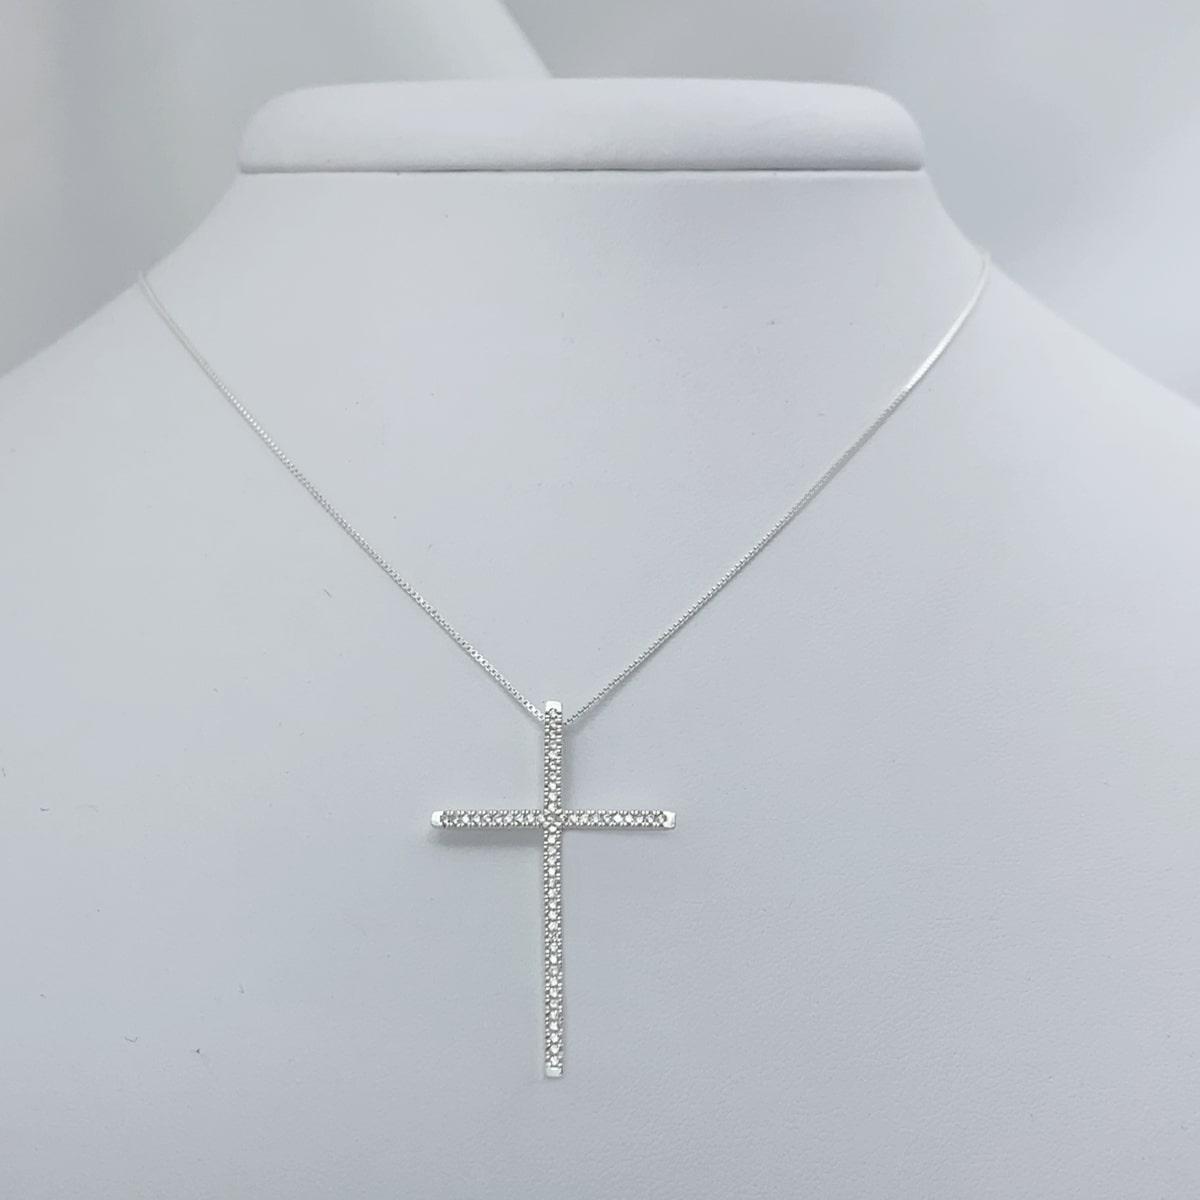 Colar Crucifixo Grande Cravejado de Zircônias, Prata 925